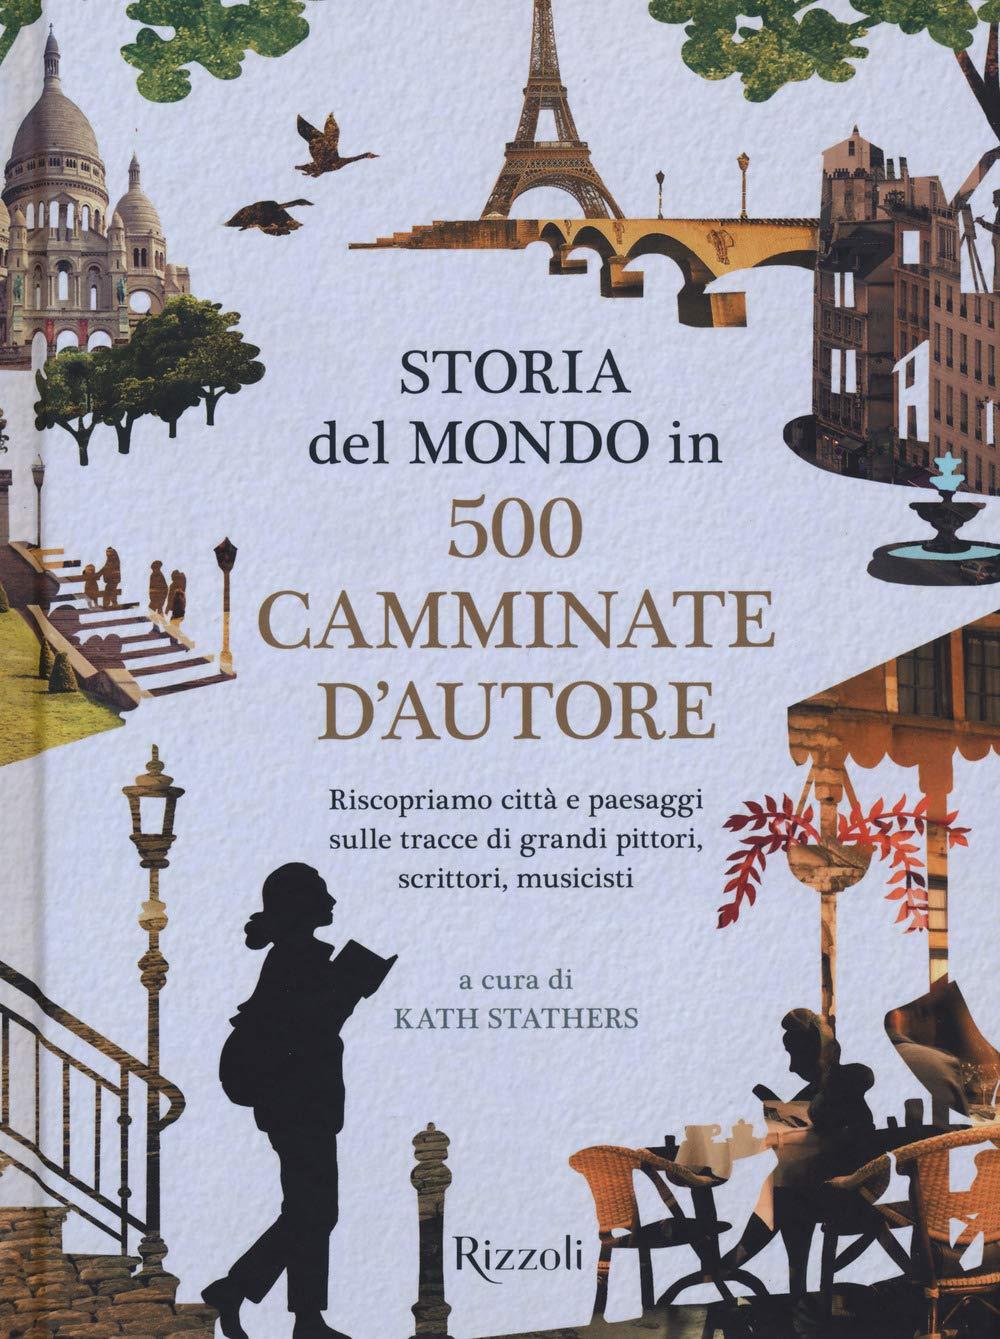 Storia del mondo in 500 camminate d'autore